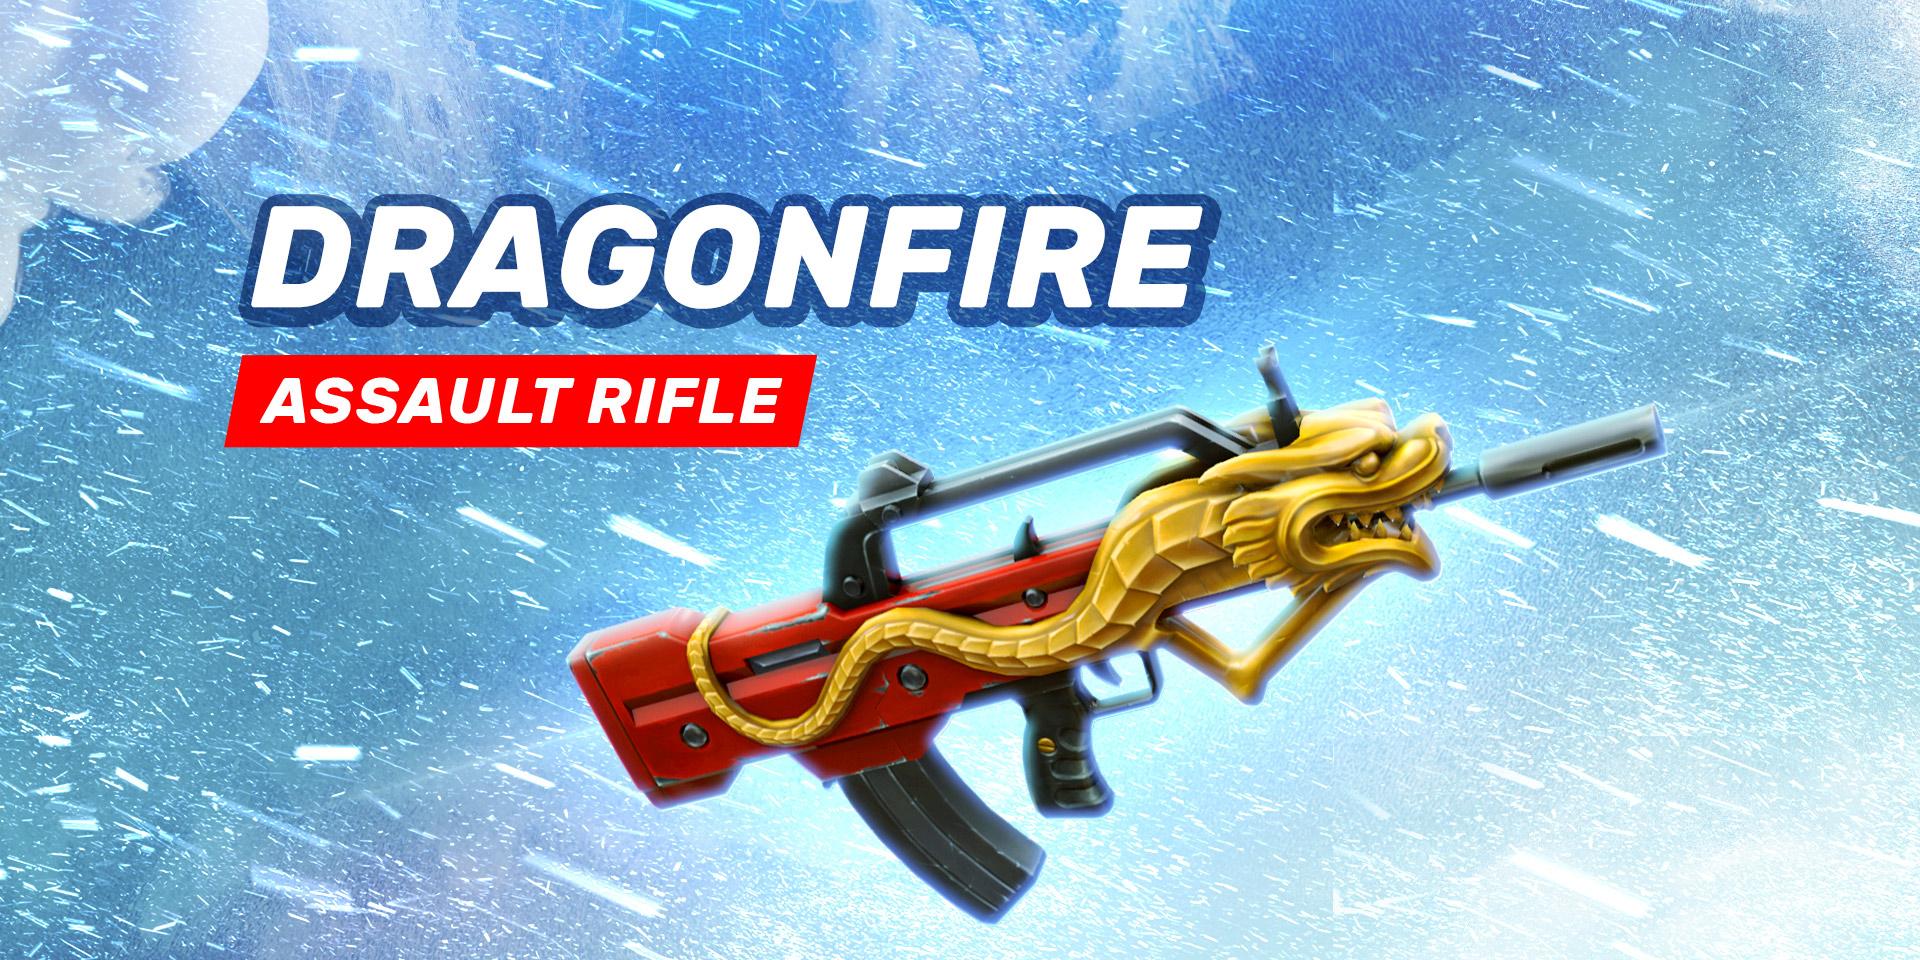 60082136c6f89_gunsopedia_Dragonfire_header_EN